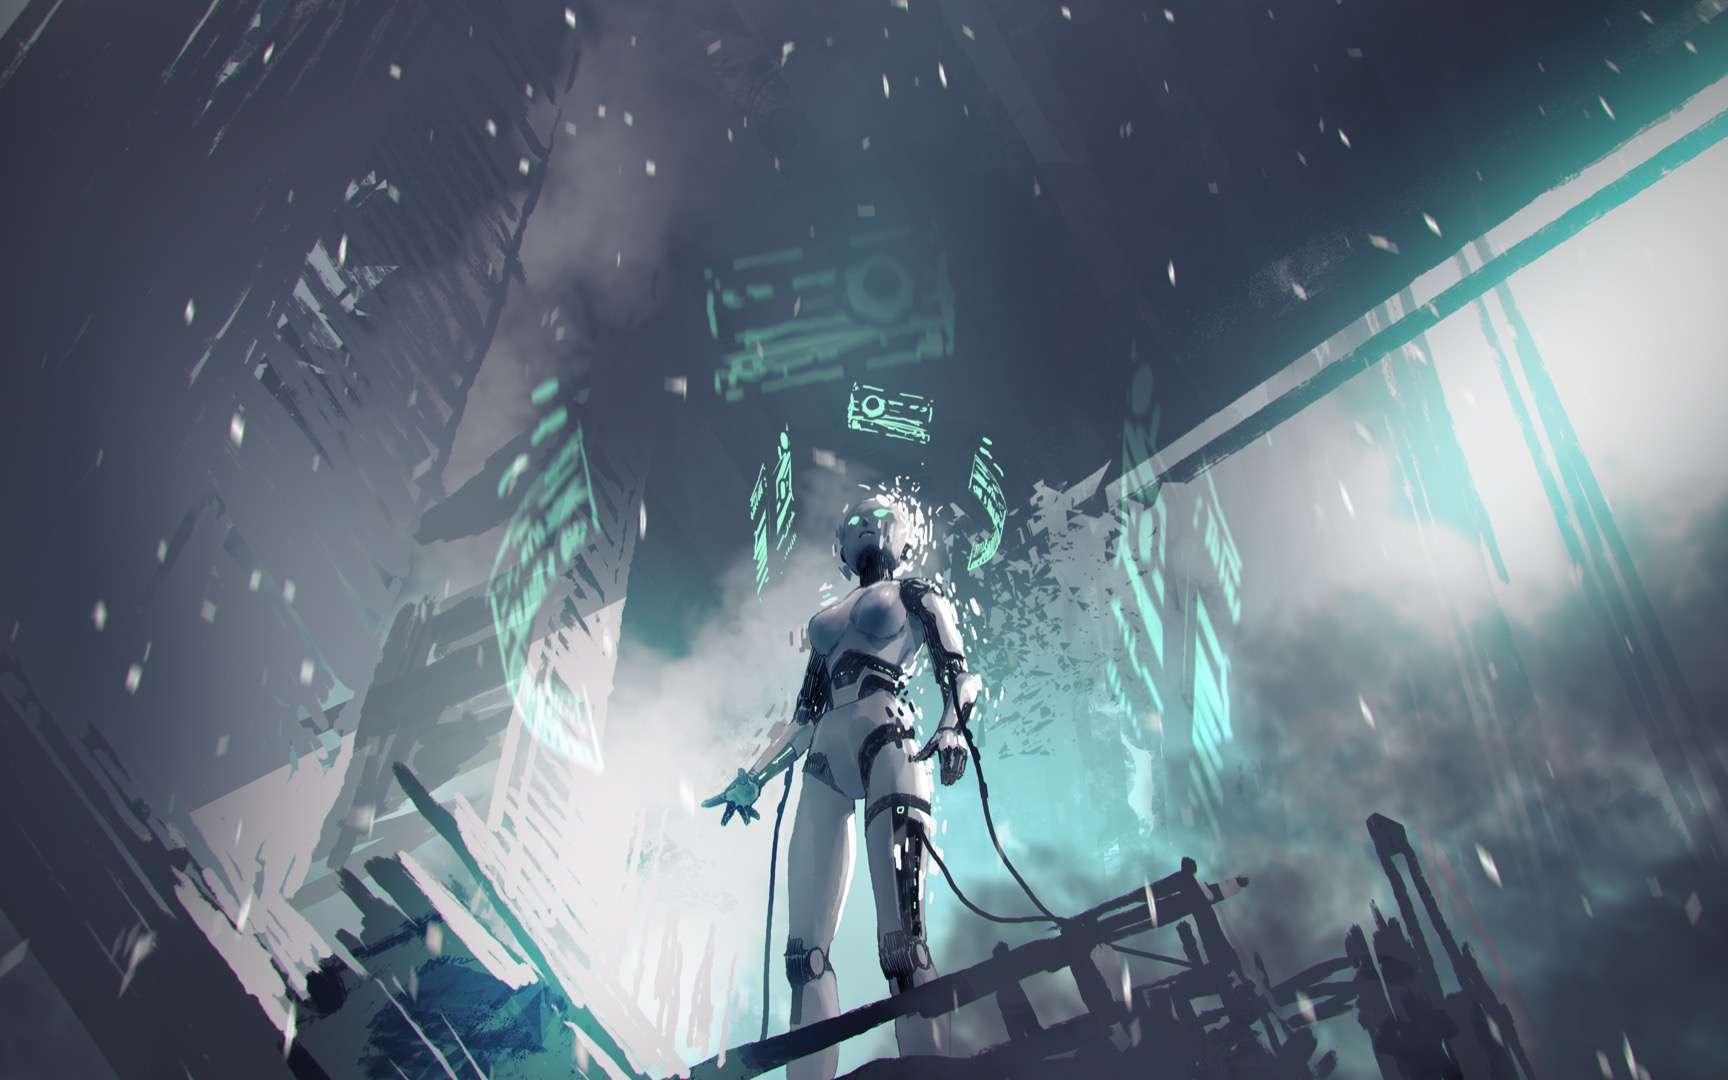 Perdu dans ses pensées, le Robot Elvex rêve. © grandfailure, Adobe Stock